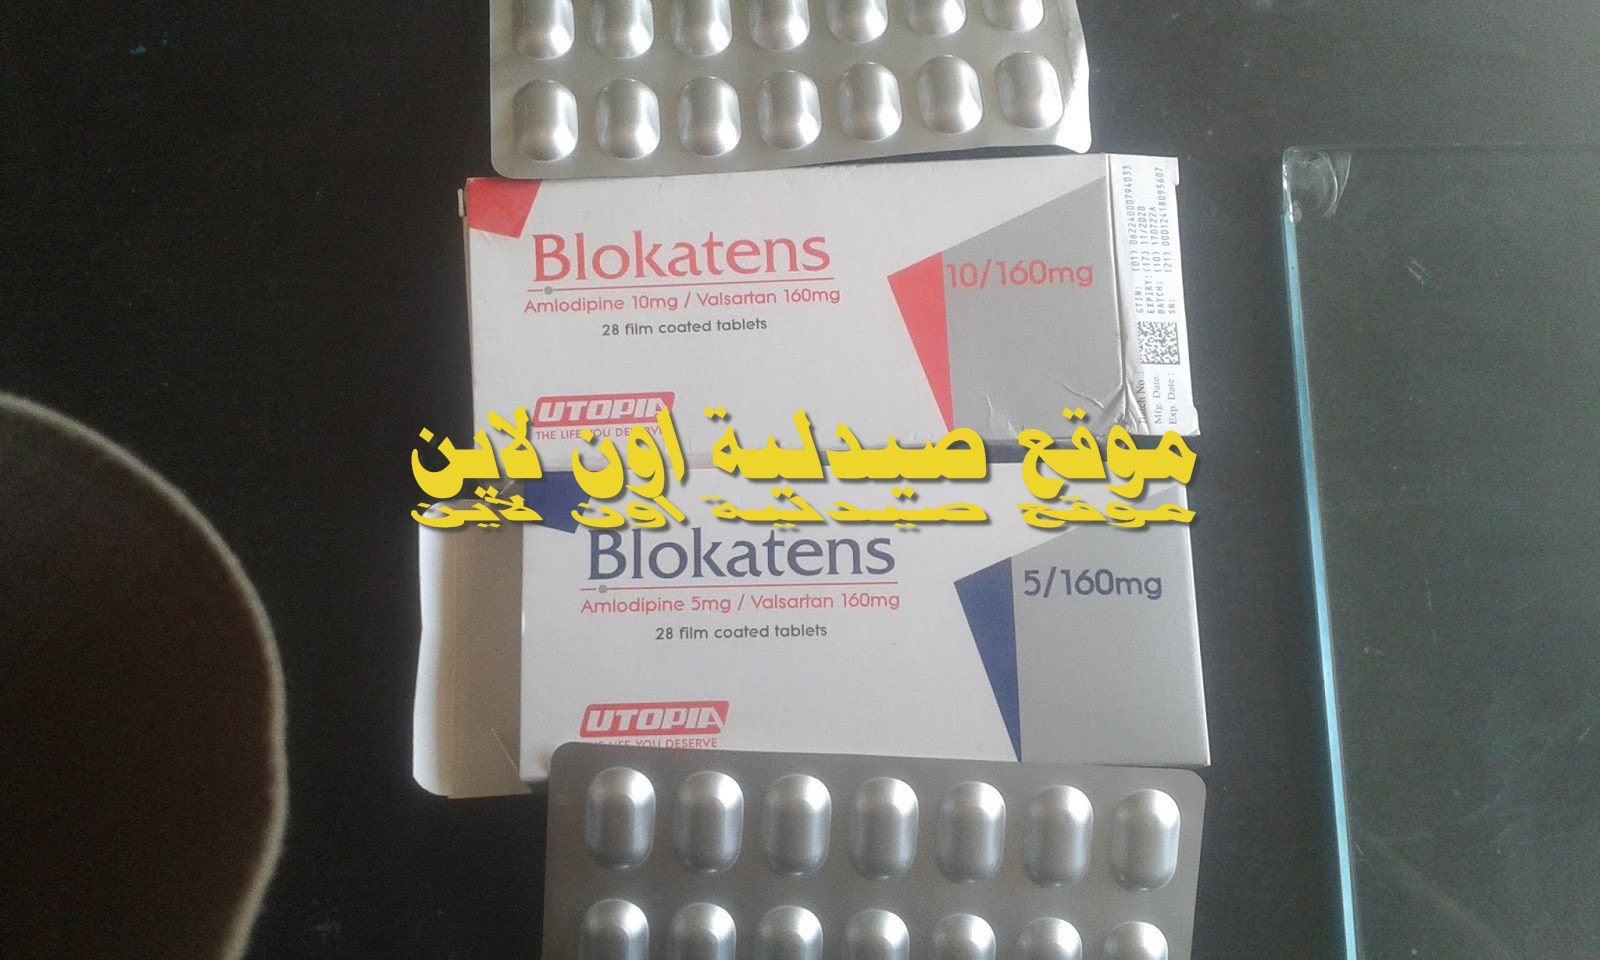 بلوكاتينس لعلاج ضغط الدم المرتفع blokatens